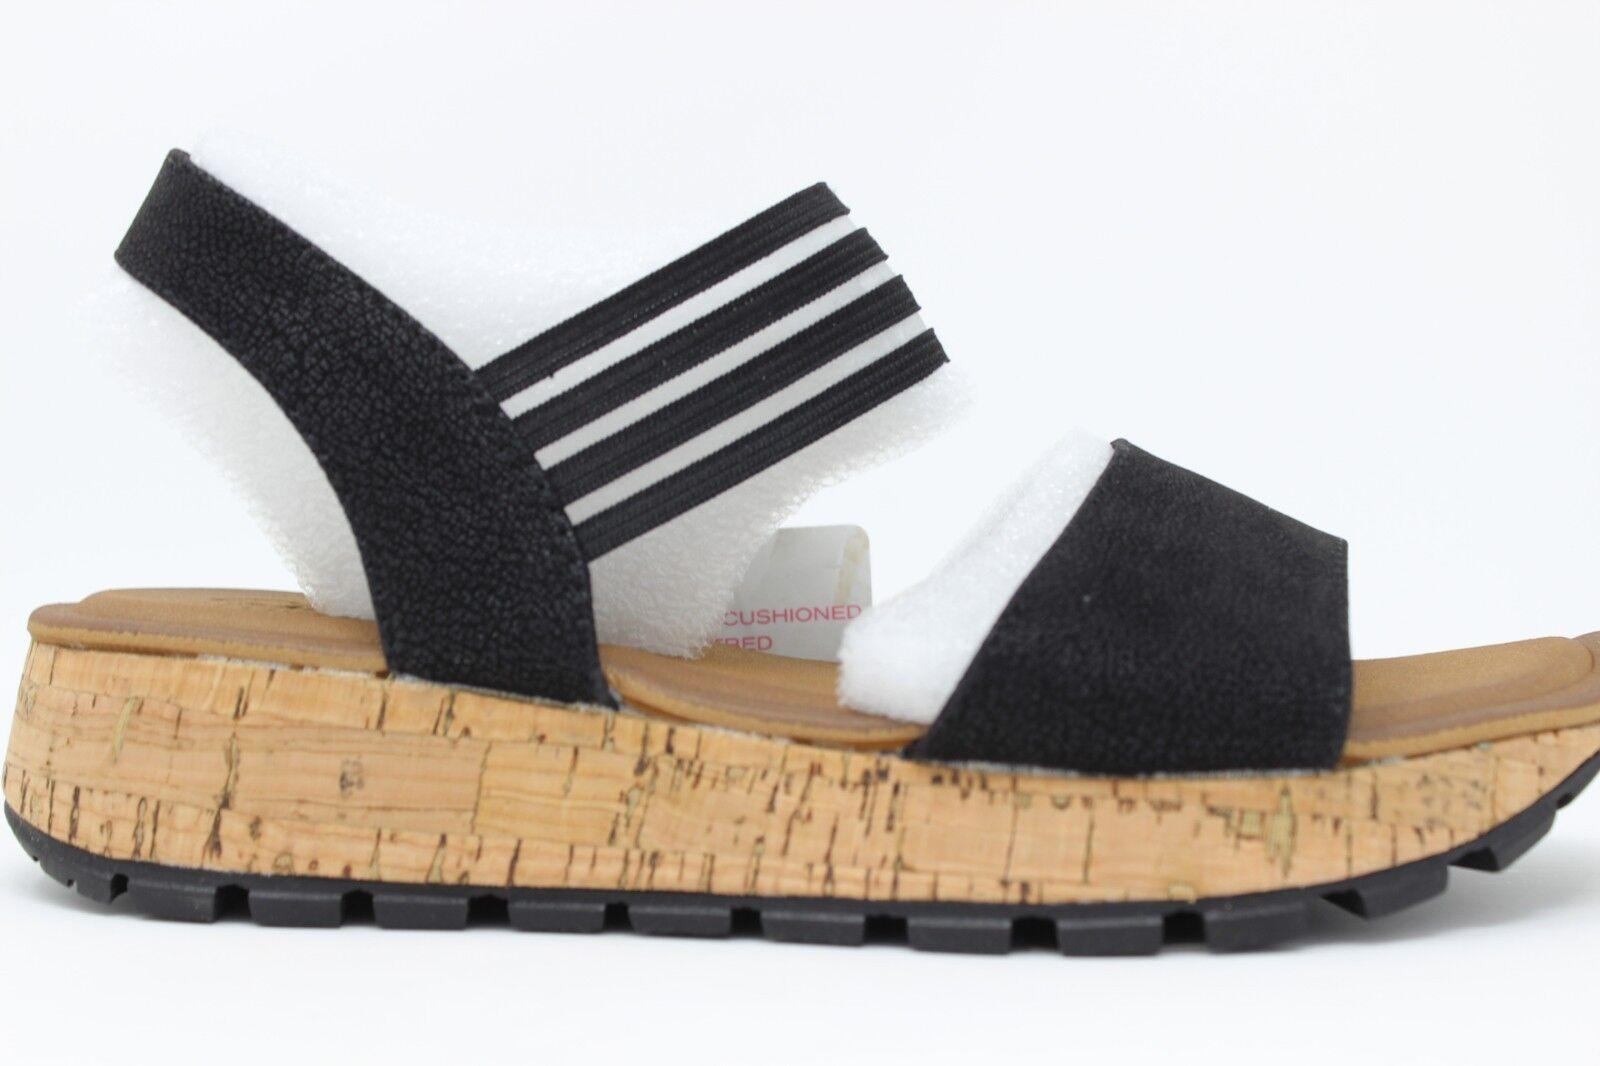 Skechers Damen Bequemer Schwarz Step Footsteps-Markers Schwarz Bequemer 31700 / Blk mit Luxe 862d6f